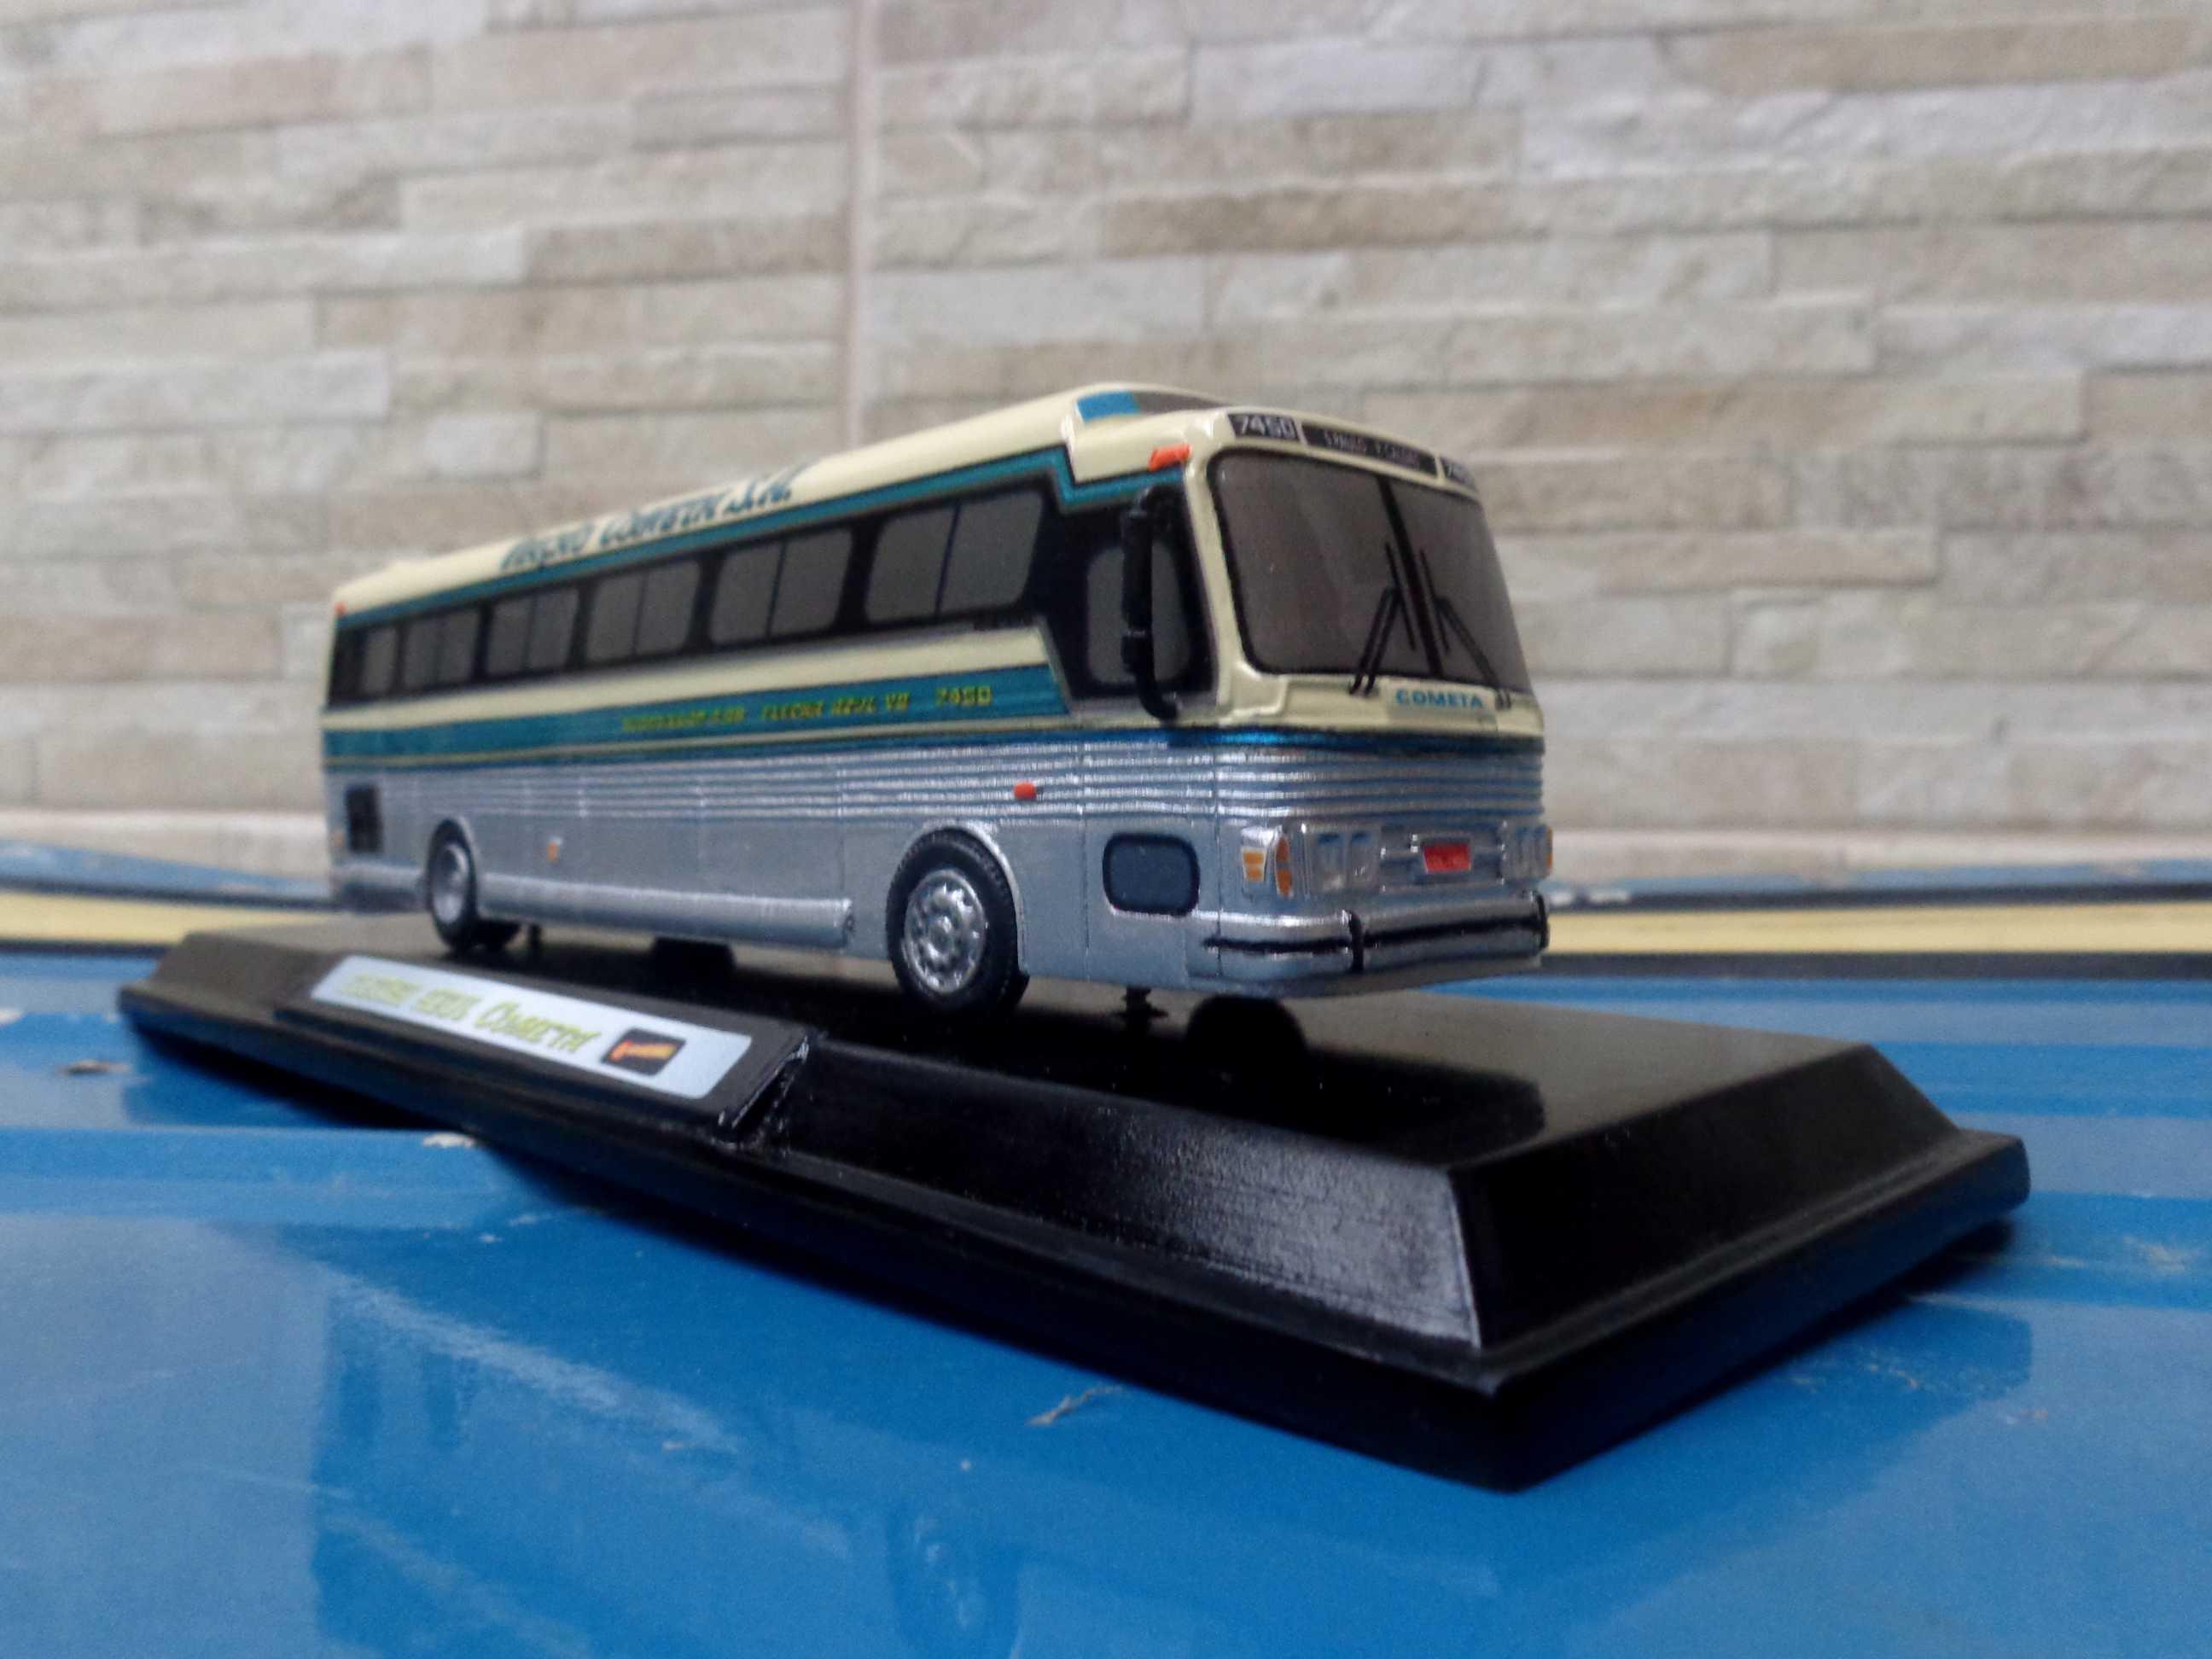 069d255e12 CMA Flecha Azul VII - Escala 1/64 - Miniaturas de Ônibus